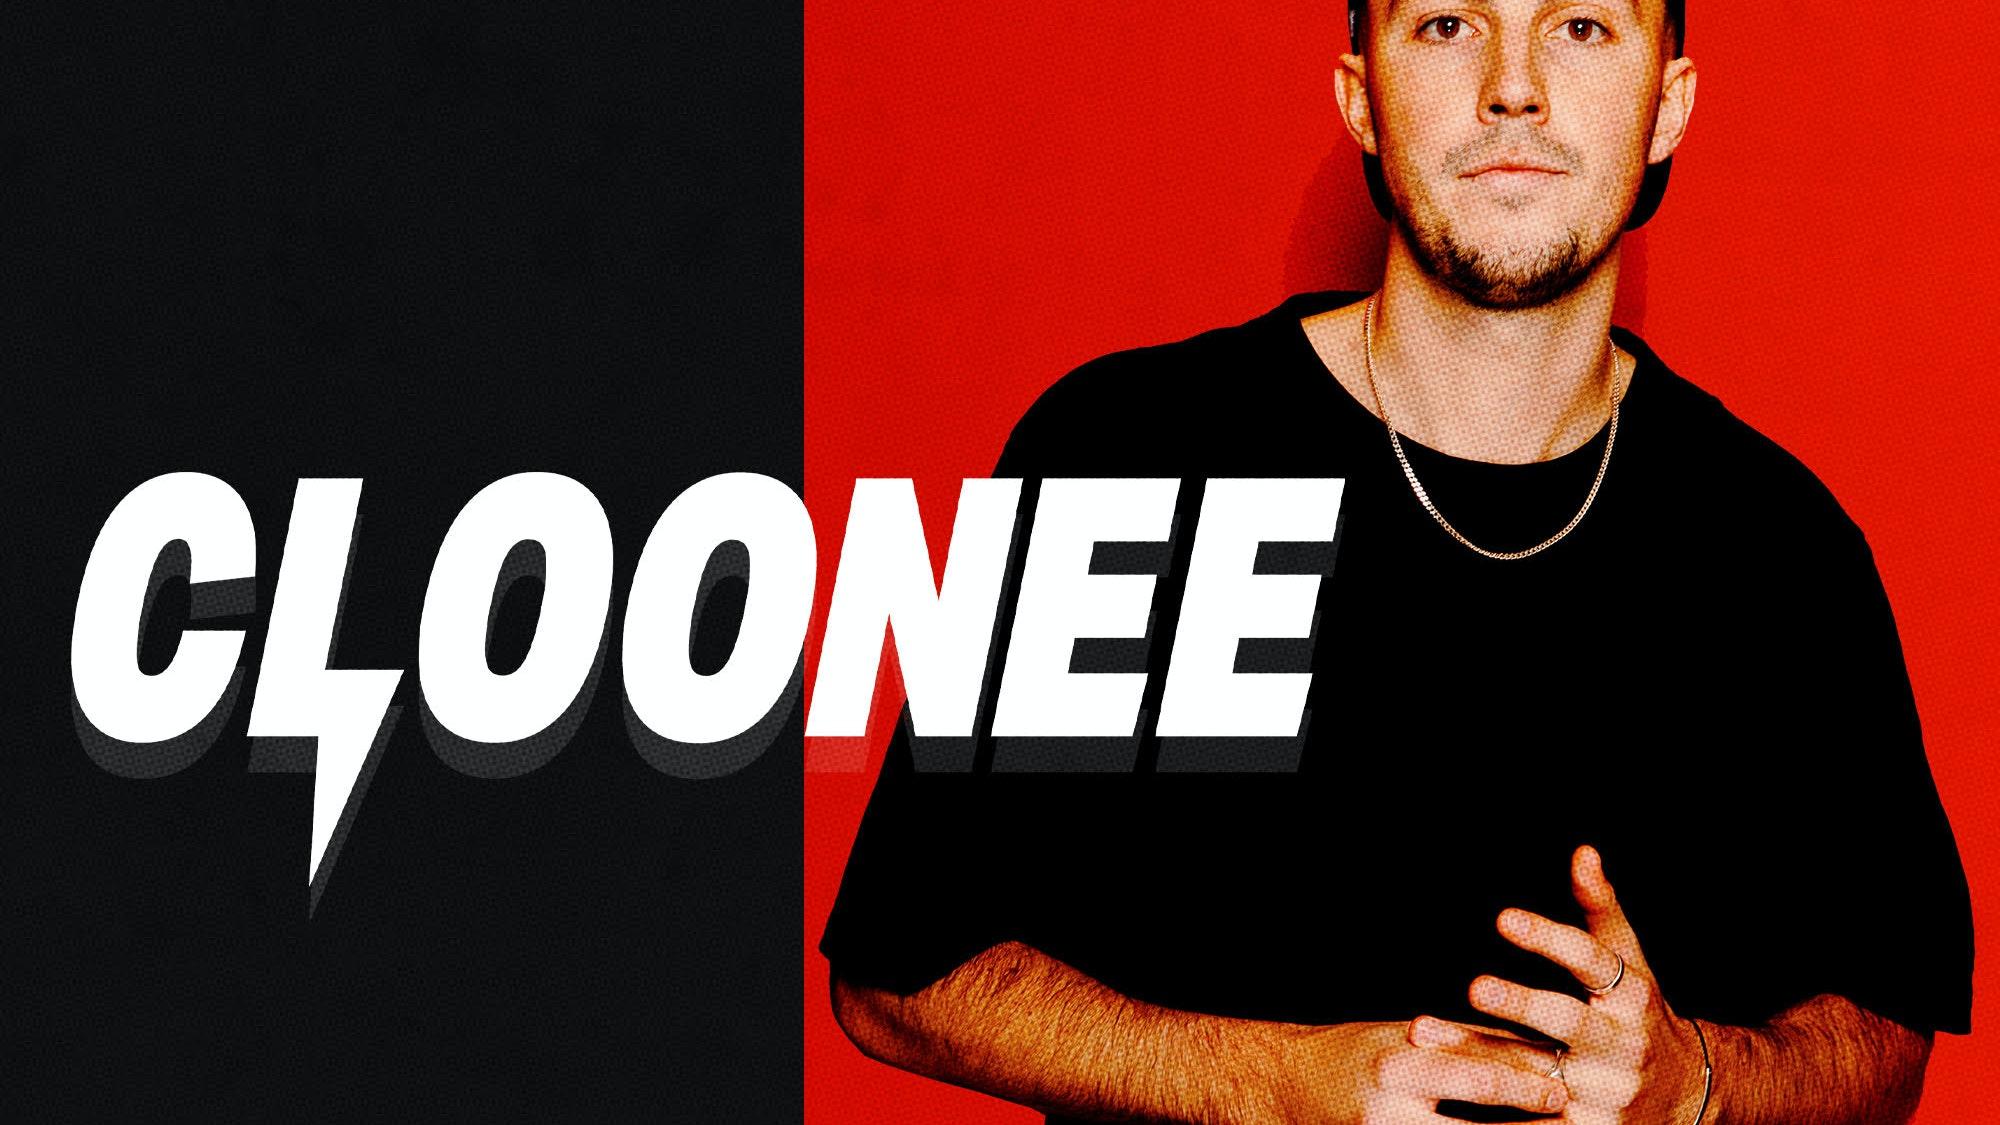 Cloonee & Friends – Club